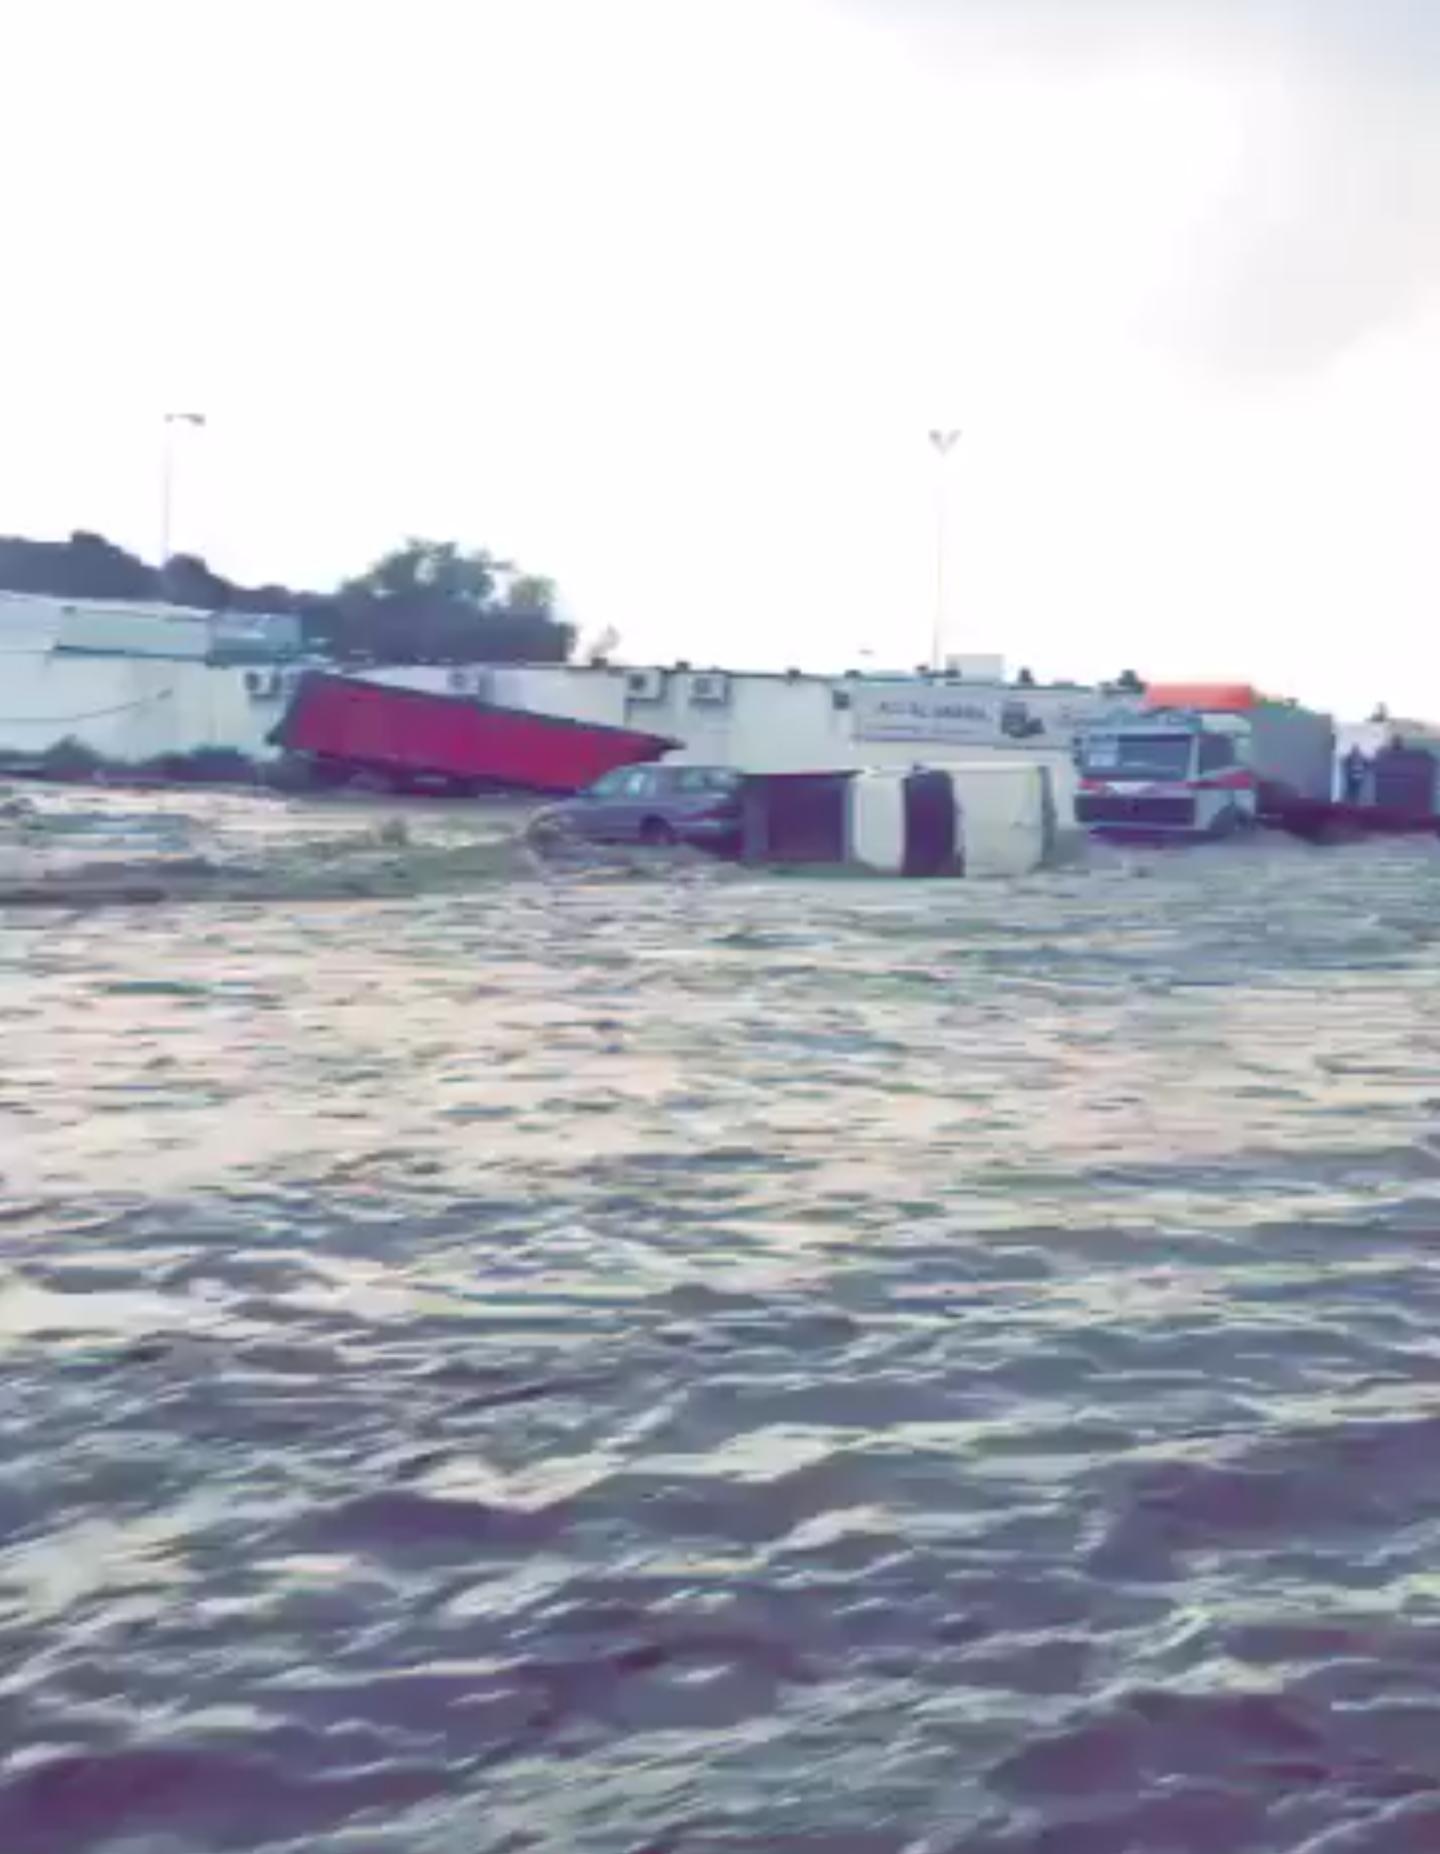 فيديو | الامطار تجرف بعض السيارات في حي ام السباع بـ #الطائف